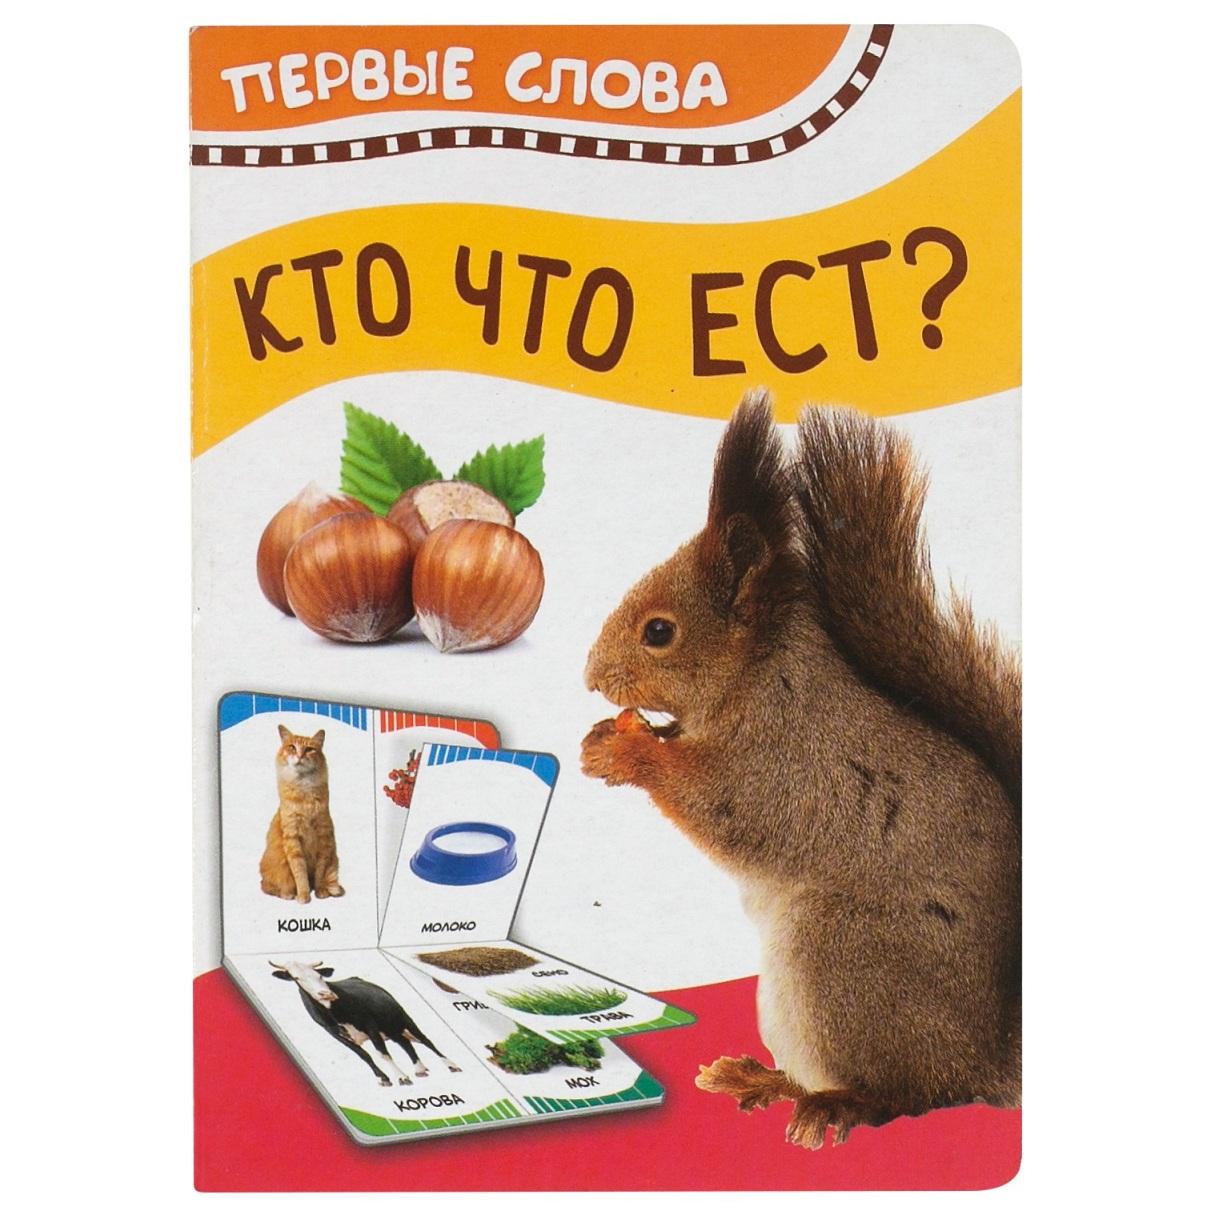 Купить Книга из серии Первые слова - Кто что ест, Росмэн